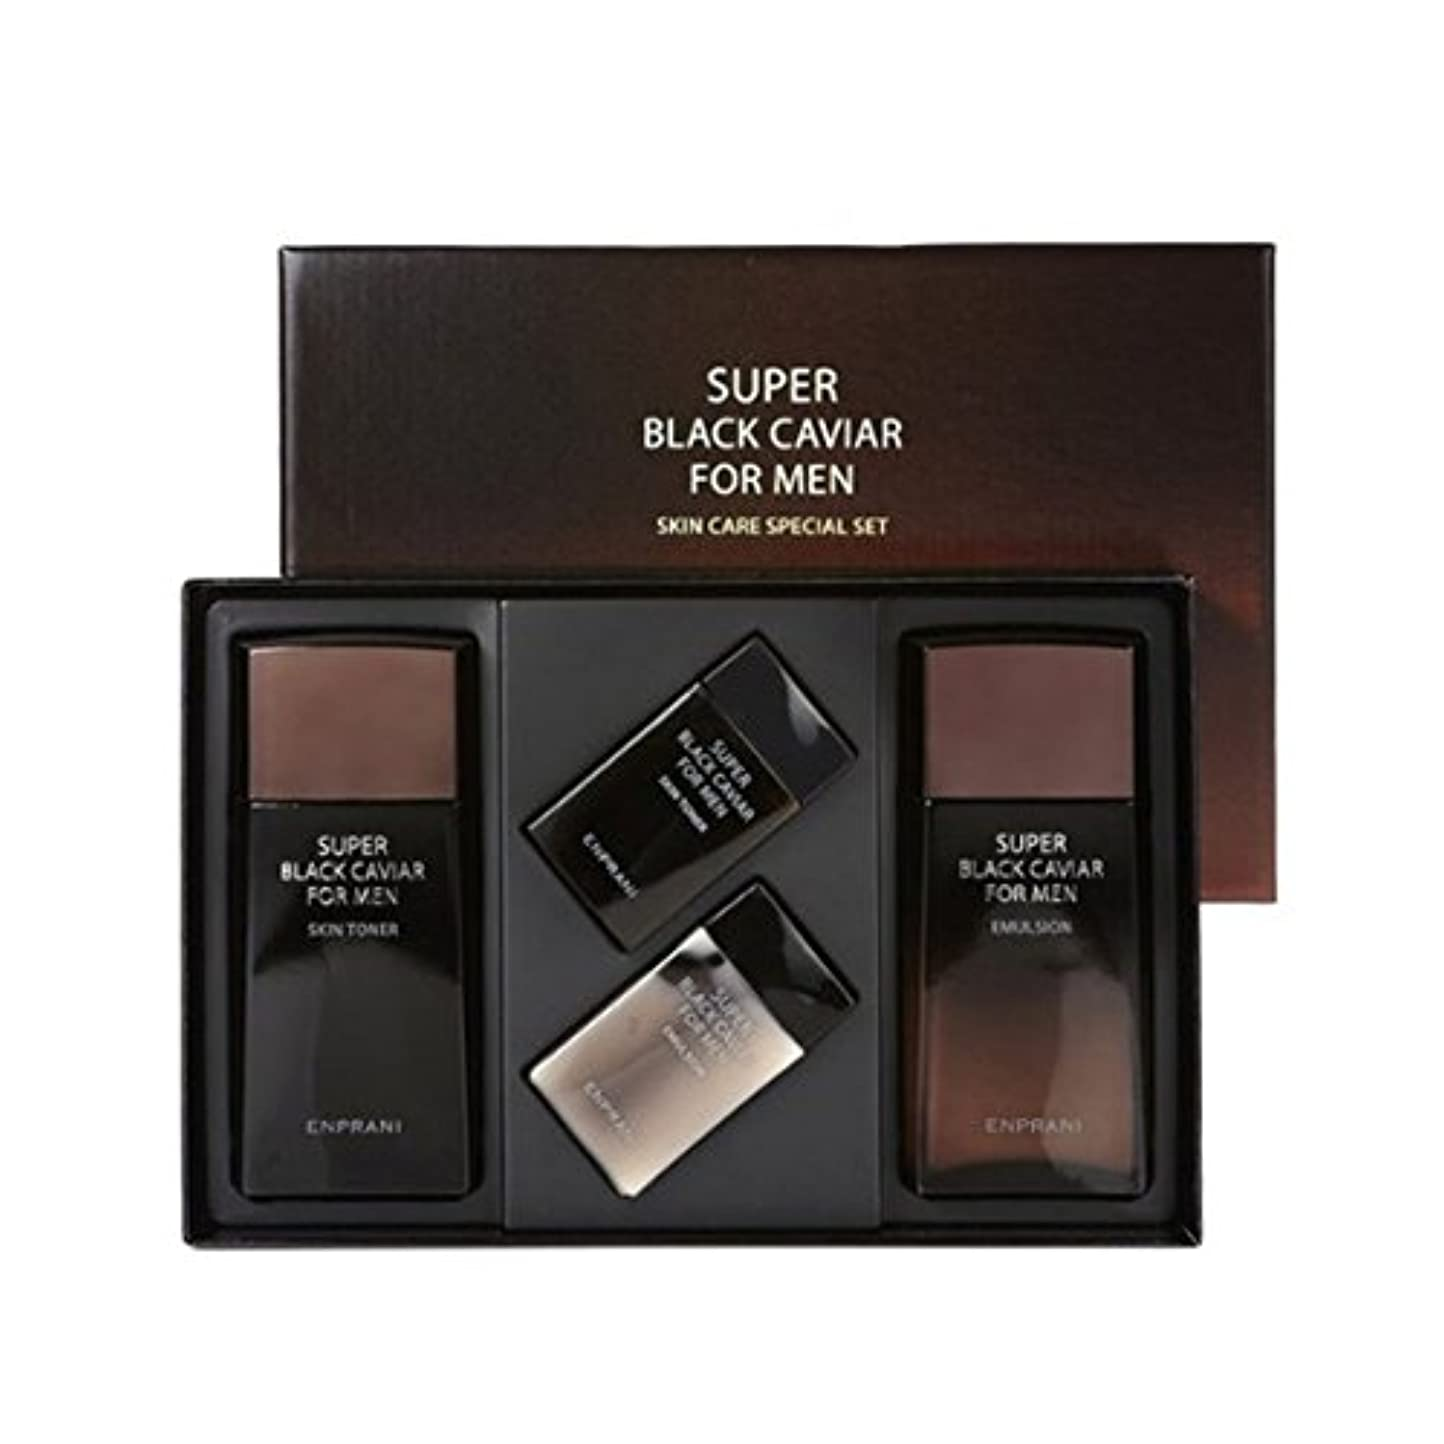 ラインナップ他のバンドで生産性エンプラニスーパー?ブラック?キャビアフォーマンスキントナー(130+40ml) エマルション(130+40ml)、男性用化粧品、ENPRANI Super Black Caviar for Men Skin Toner(130+40ml) Emulsion(130+40ml) [並行輸入品]